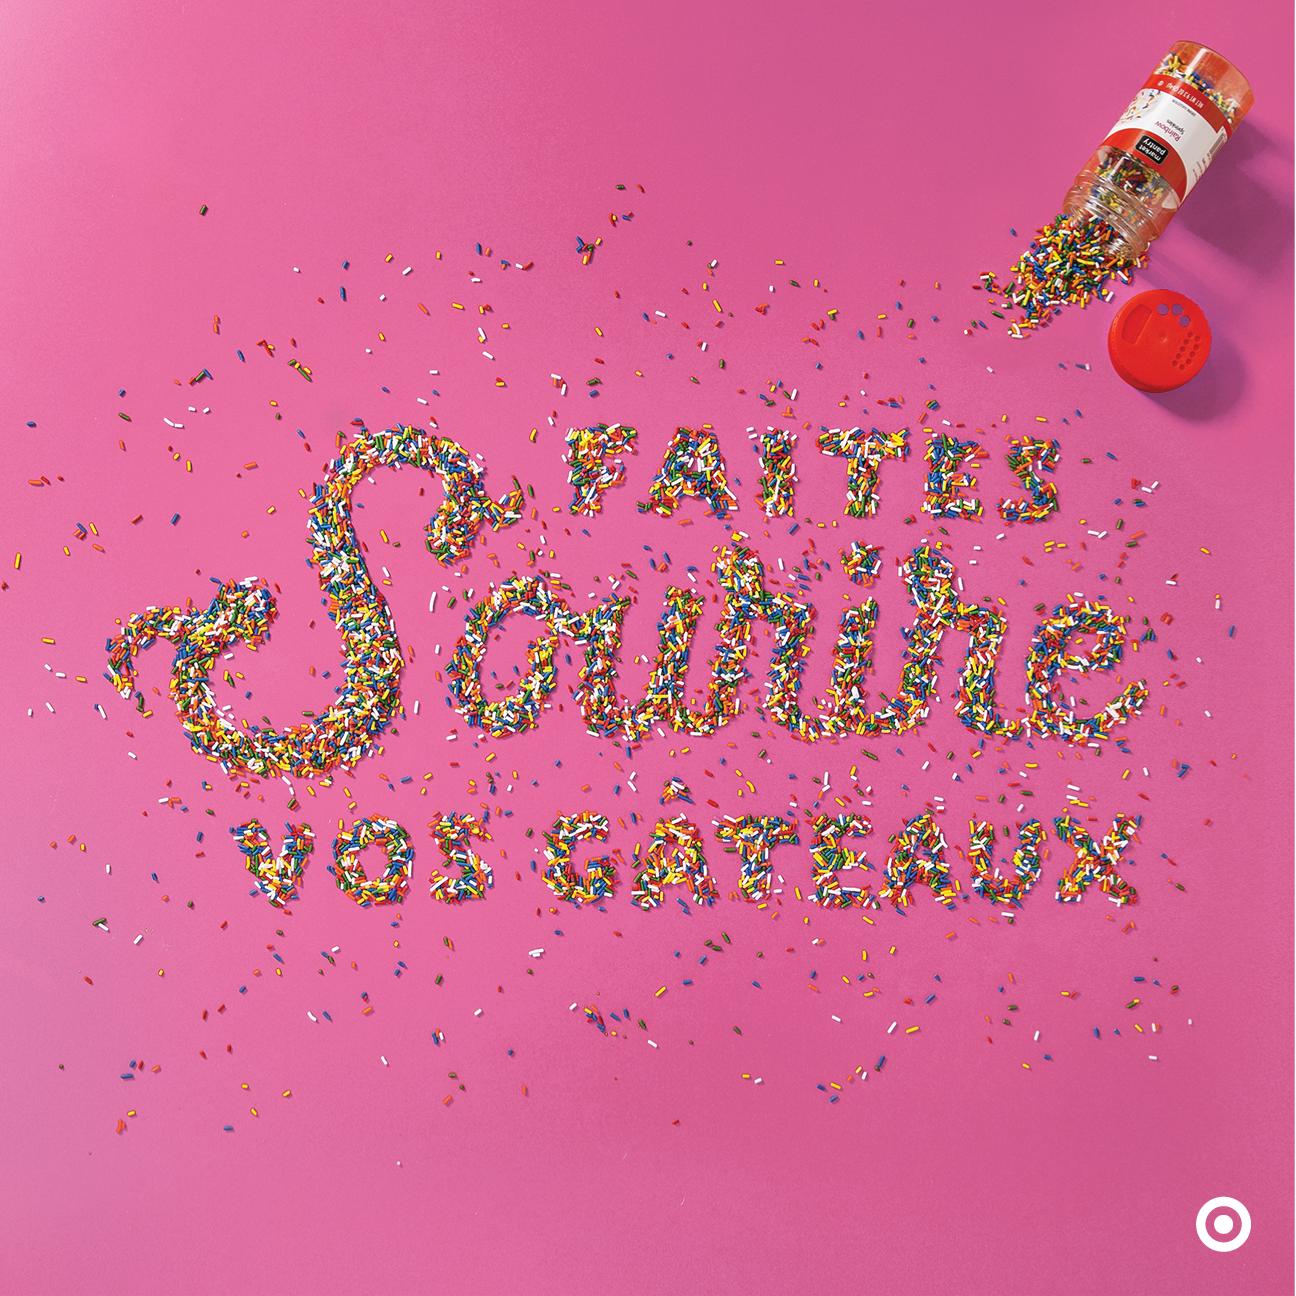 FRN_FFT_Sprinkles.png